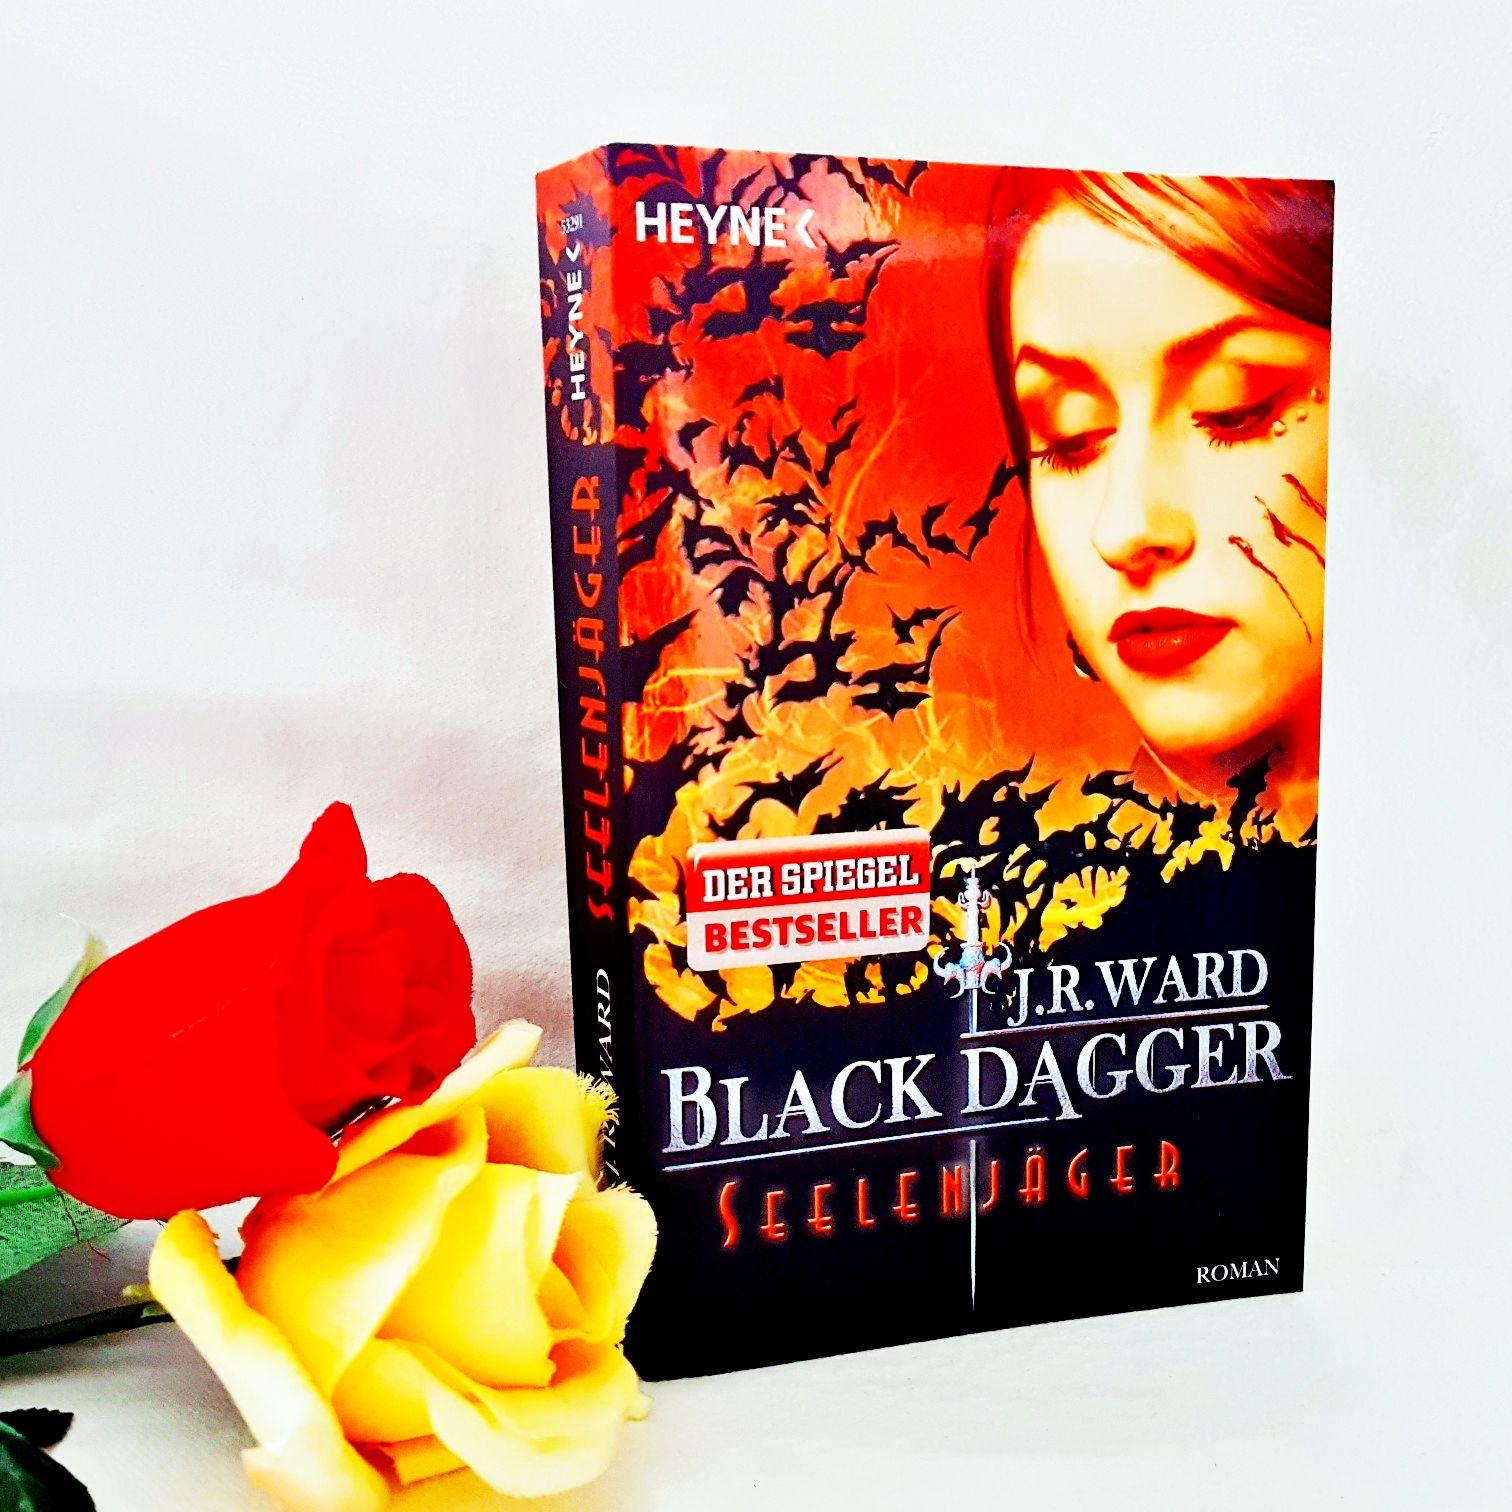 Black Dagger Seelenjäger von J.R.Ward